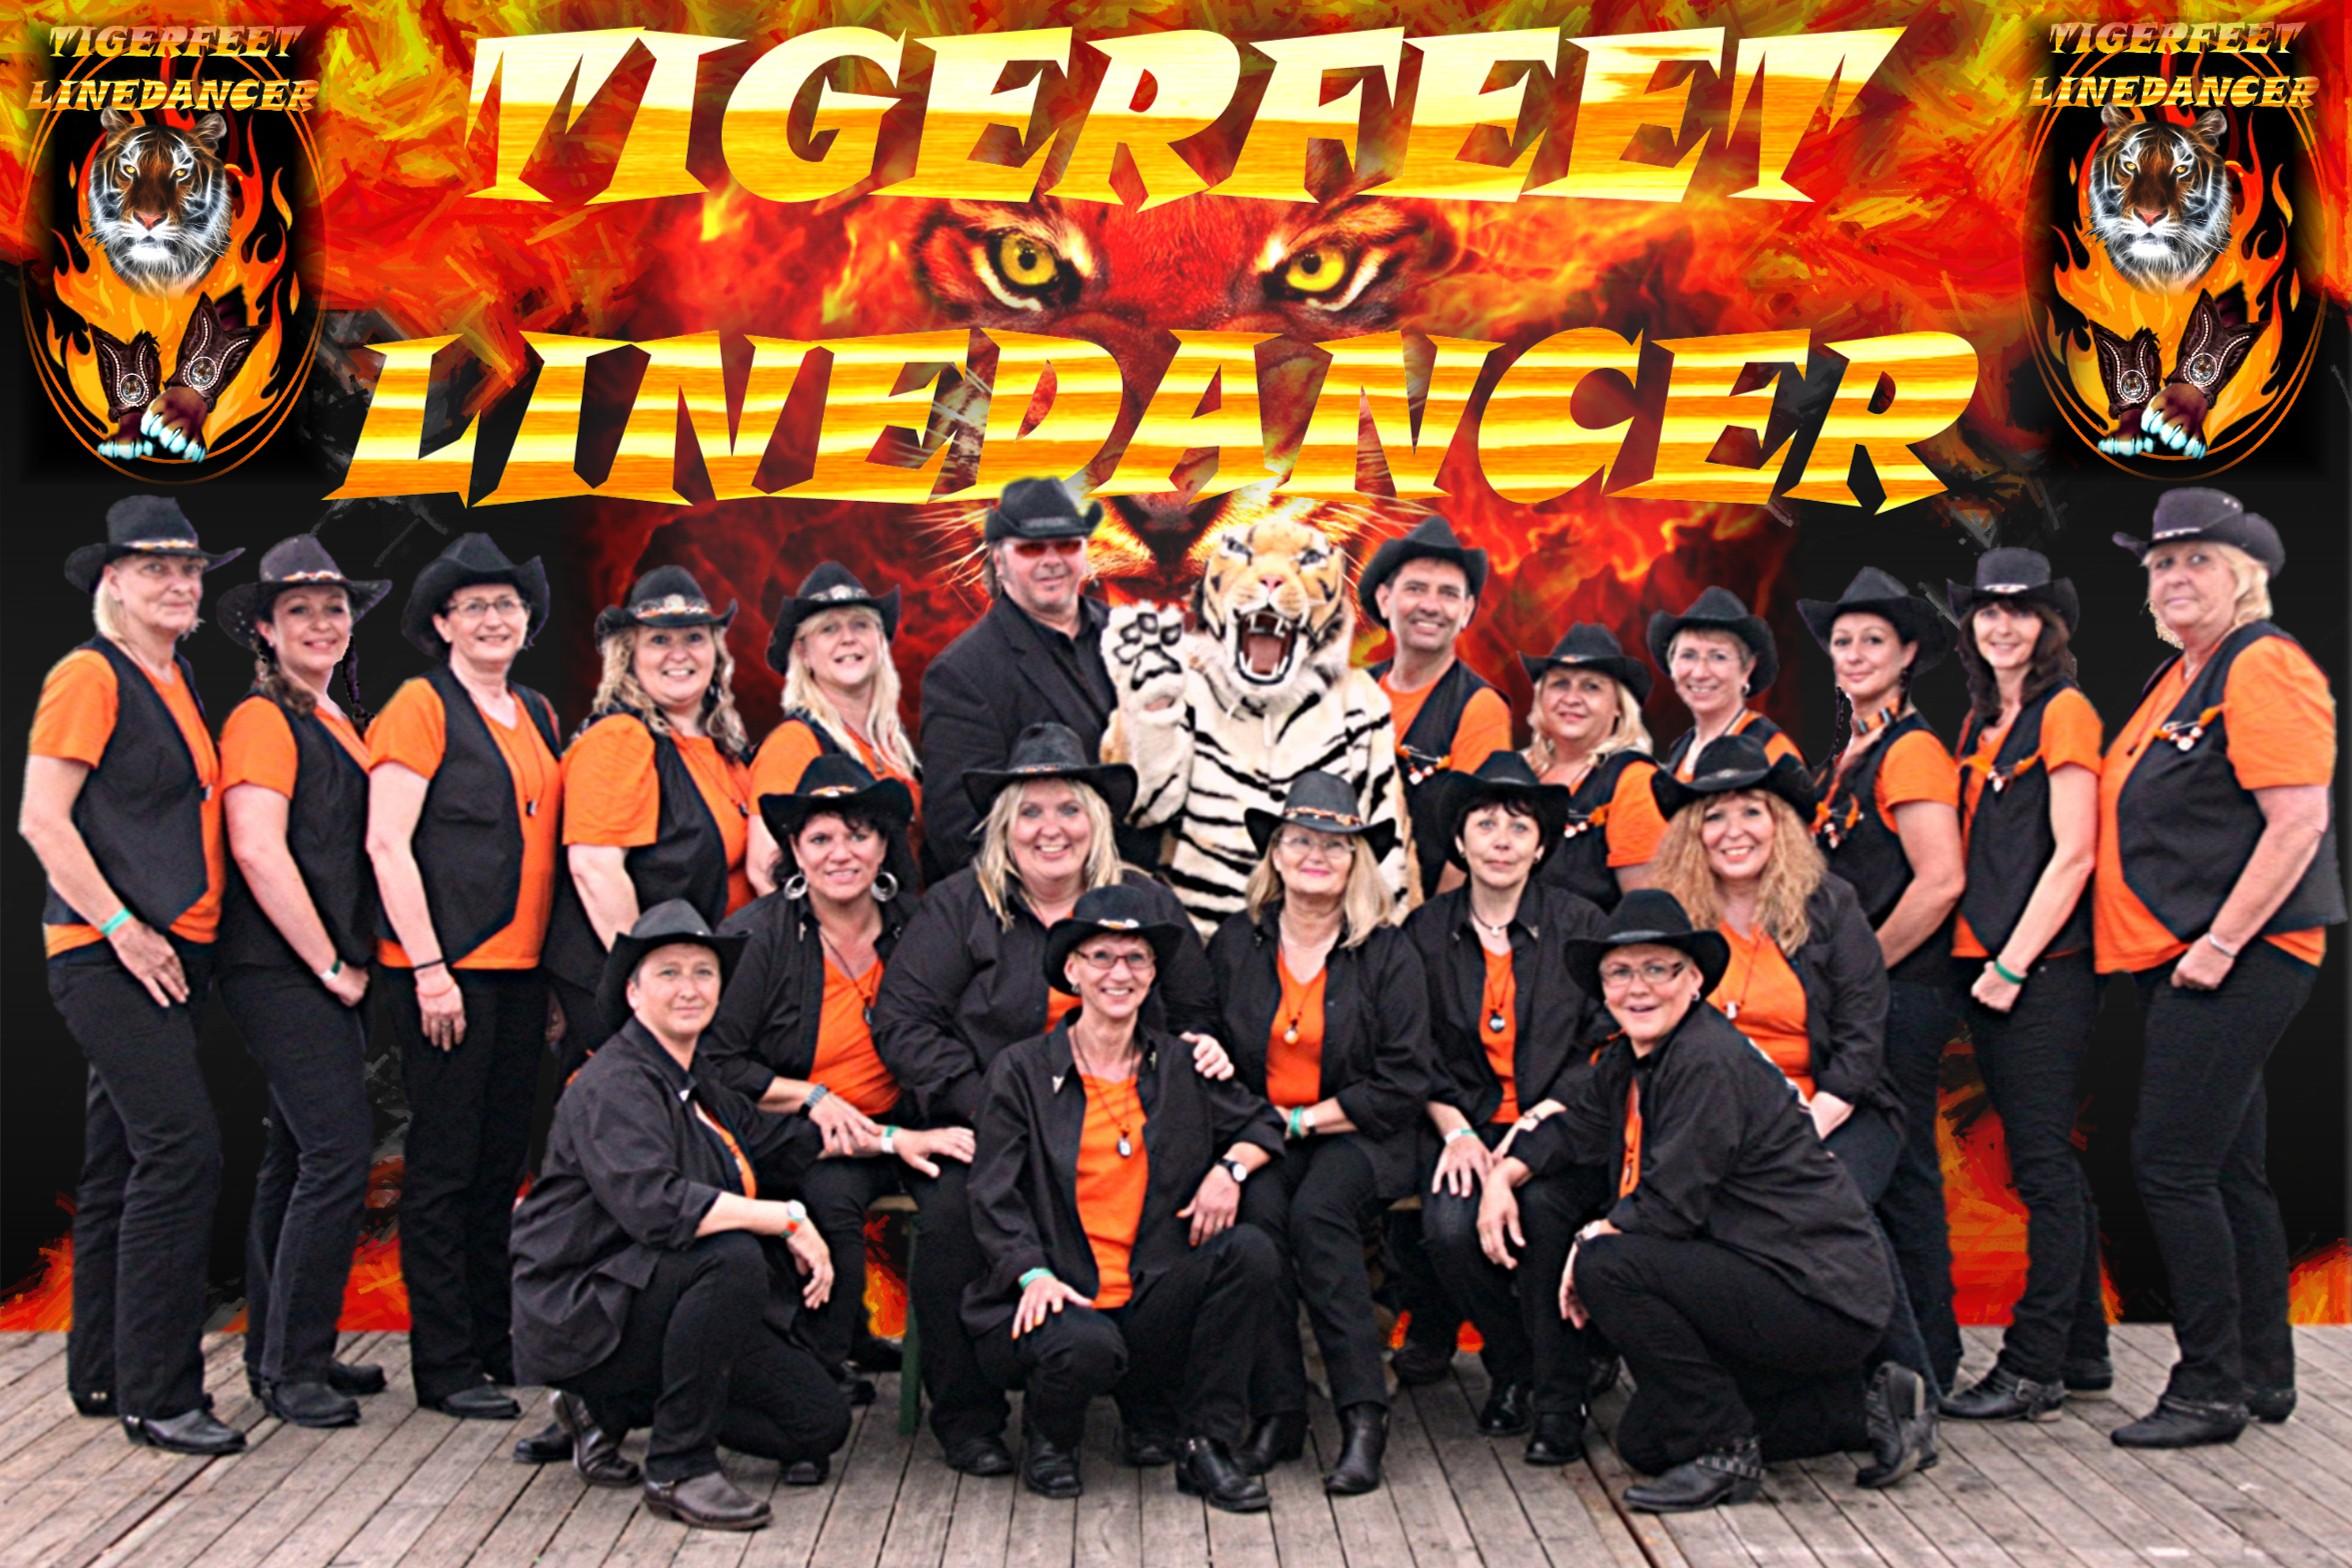 Tigerfeet 2014 Ried